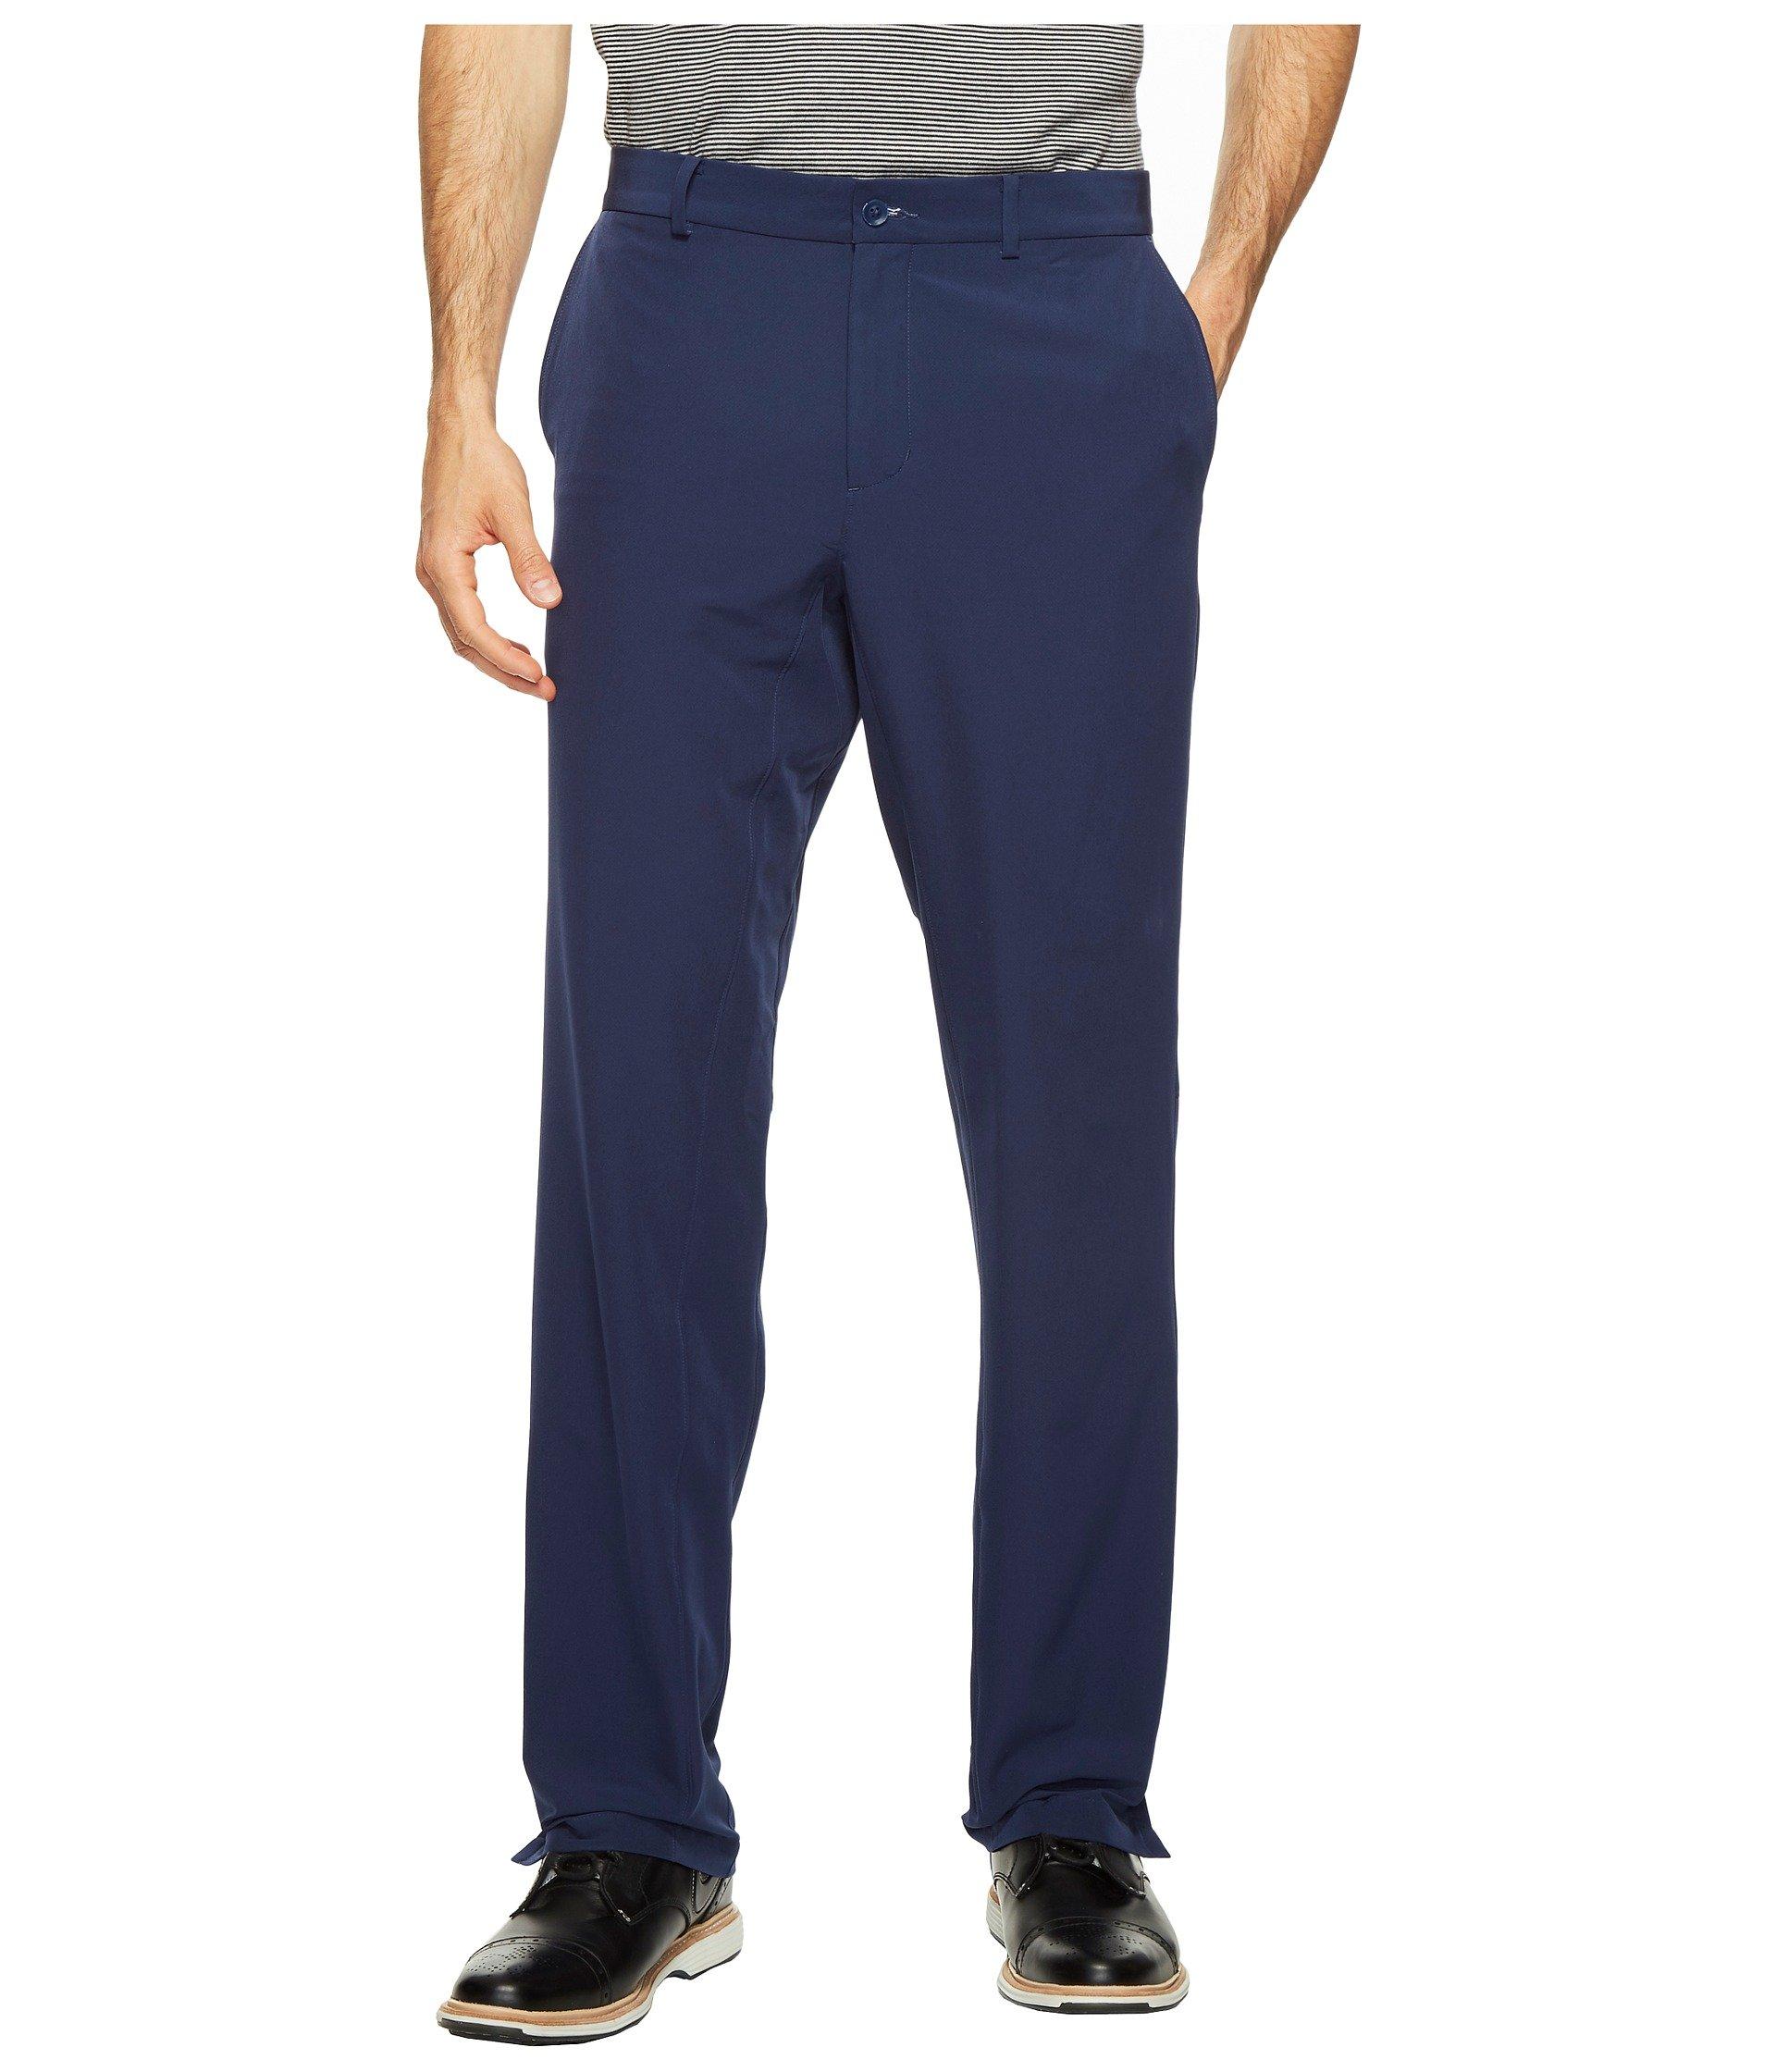 Nike Flex Men's Golf Pants (Midnight Navy, 36W x 32L)